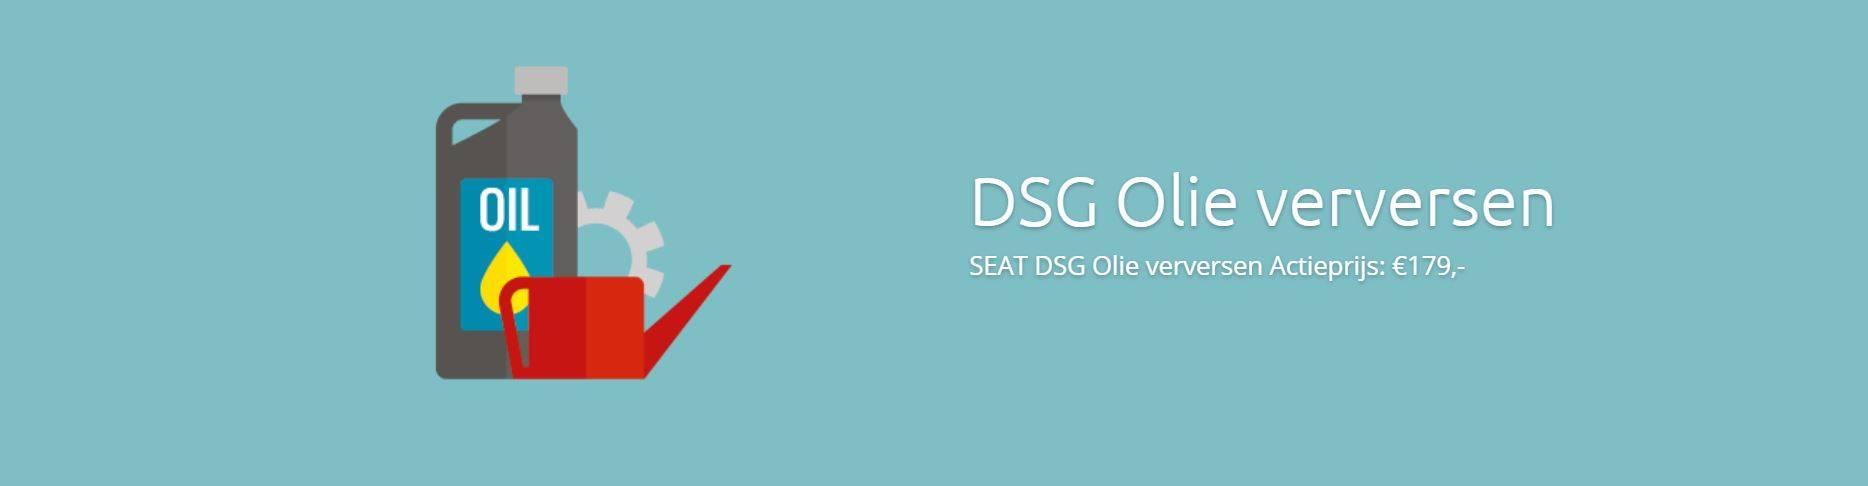 Seat DSG Olie Verversen bij schakel klachten DSG Olie Verversen Actieprijs €179 DSG Service Dealers Seat Specialisten DSG Service Dealer erg gunstig